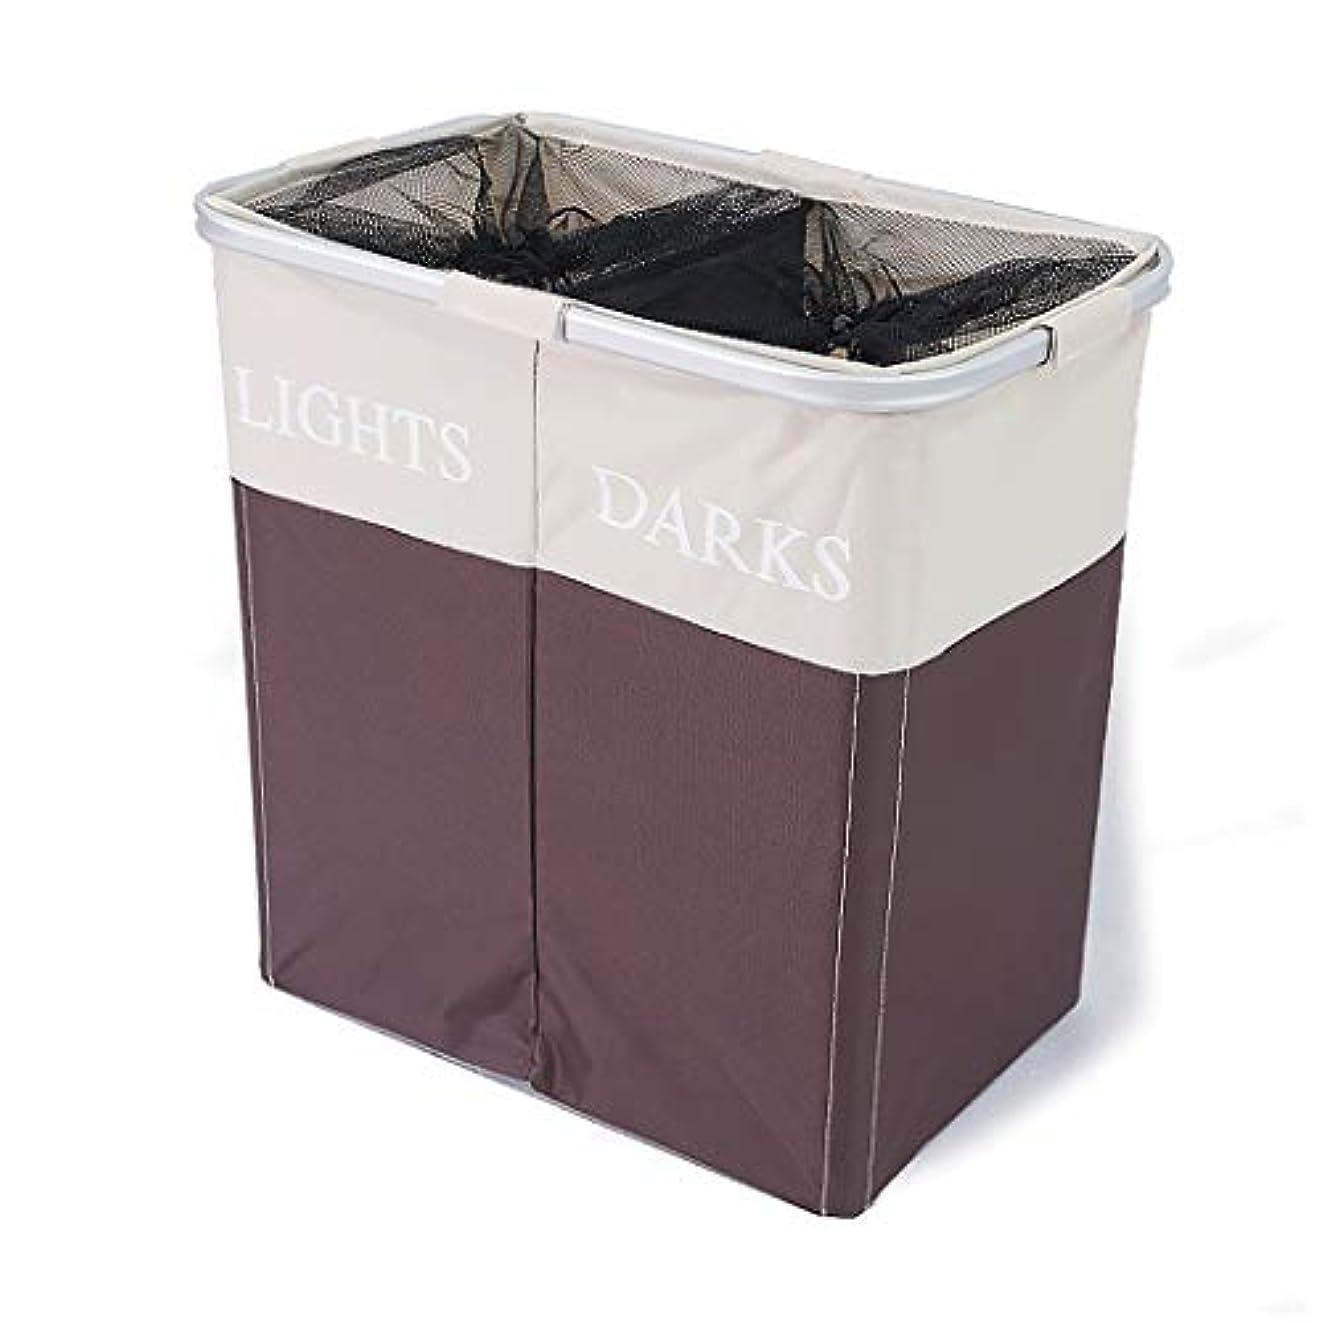 ムス昨日宿題折りたたみ収納袋の分類汚れた服収納バスケット汚れた服収納オックスフォード布おもちゃのバスケットランドリーバスケット (色 : Brown White)